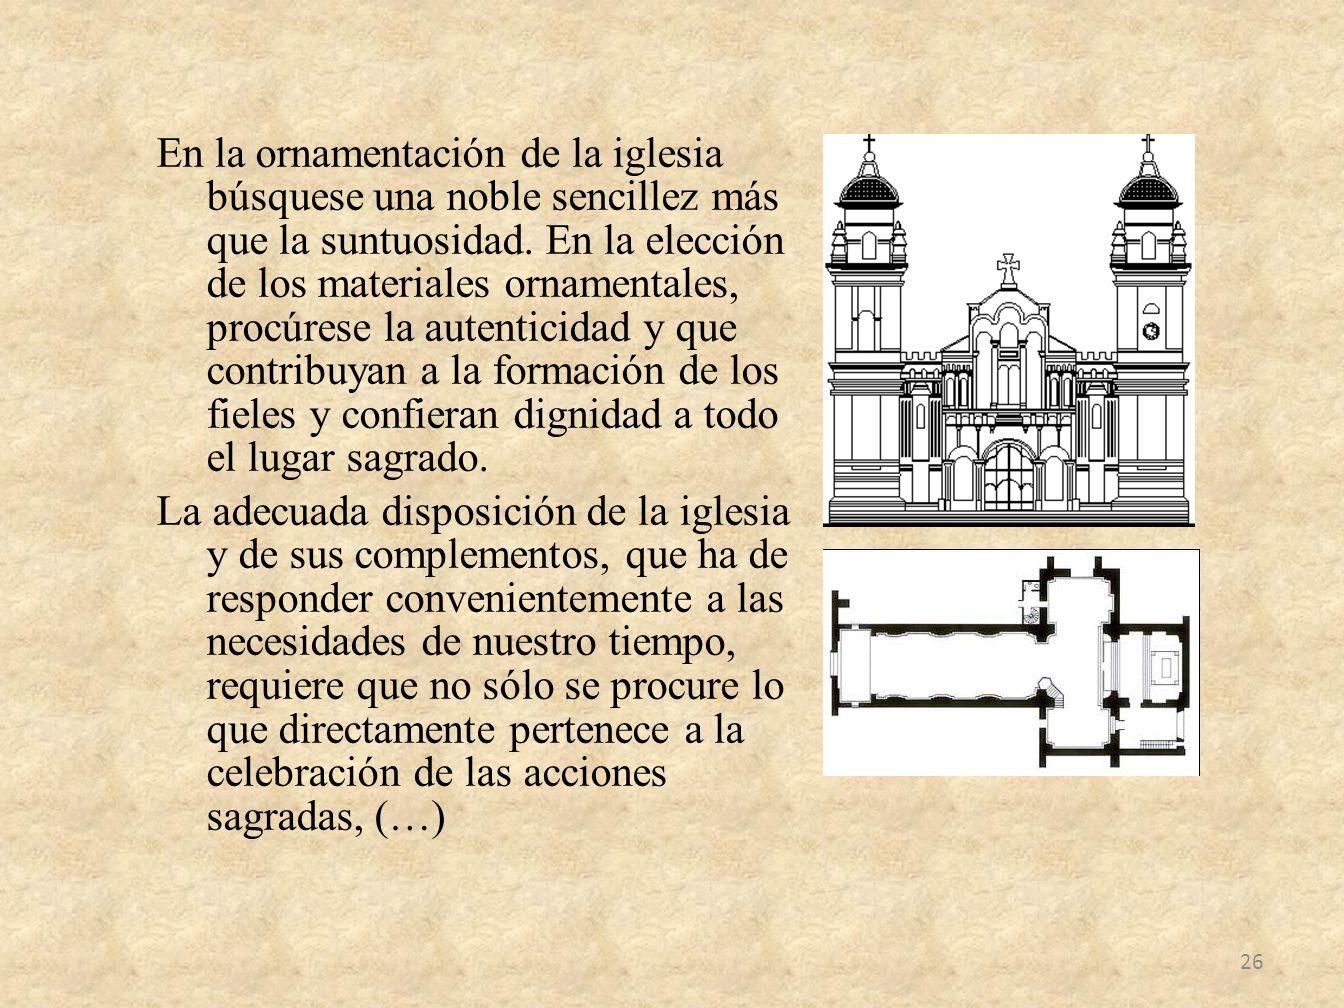 En la ornamentación de la iglesia búsquese una noble sencillez más que la suntuosidad.